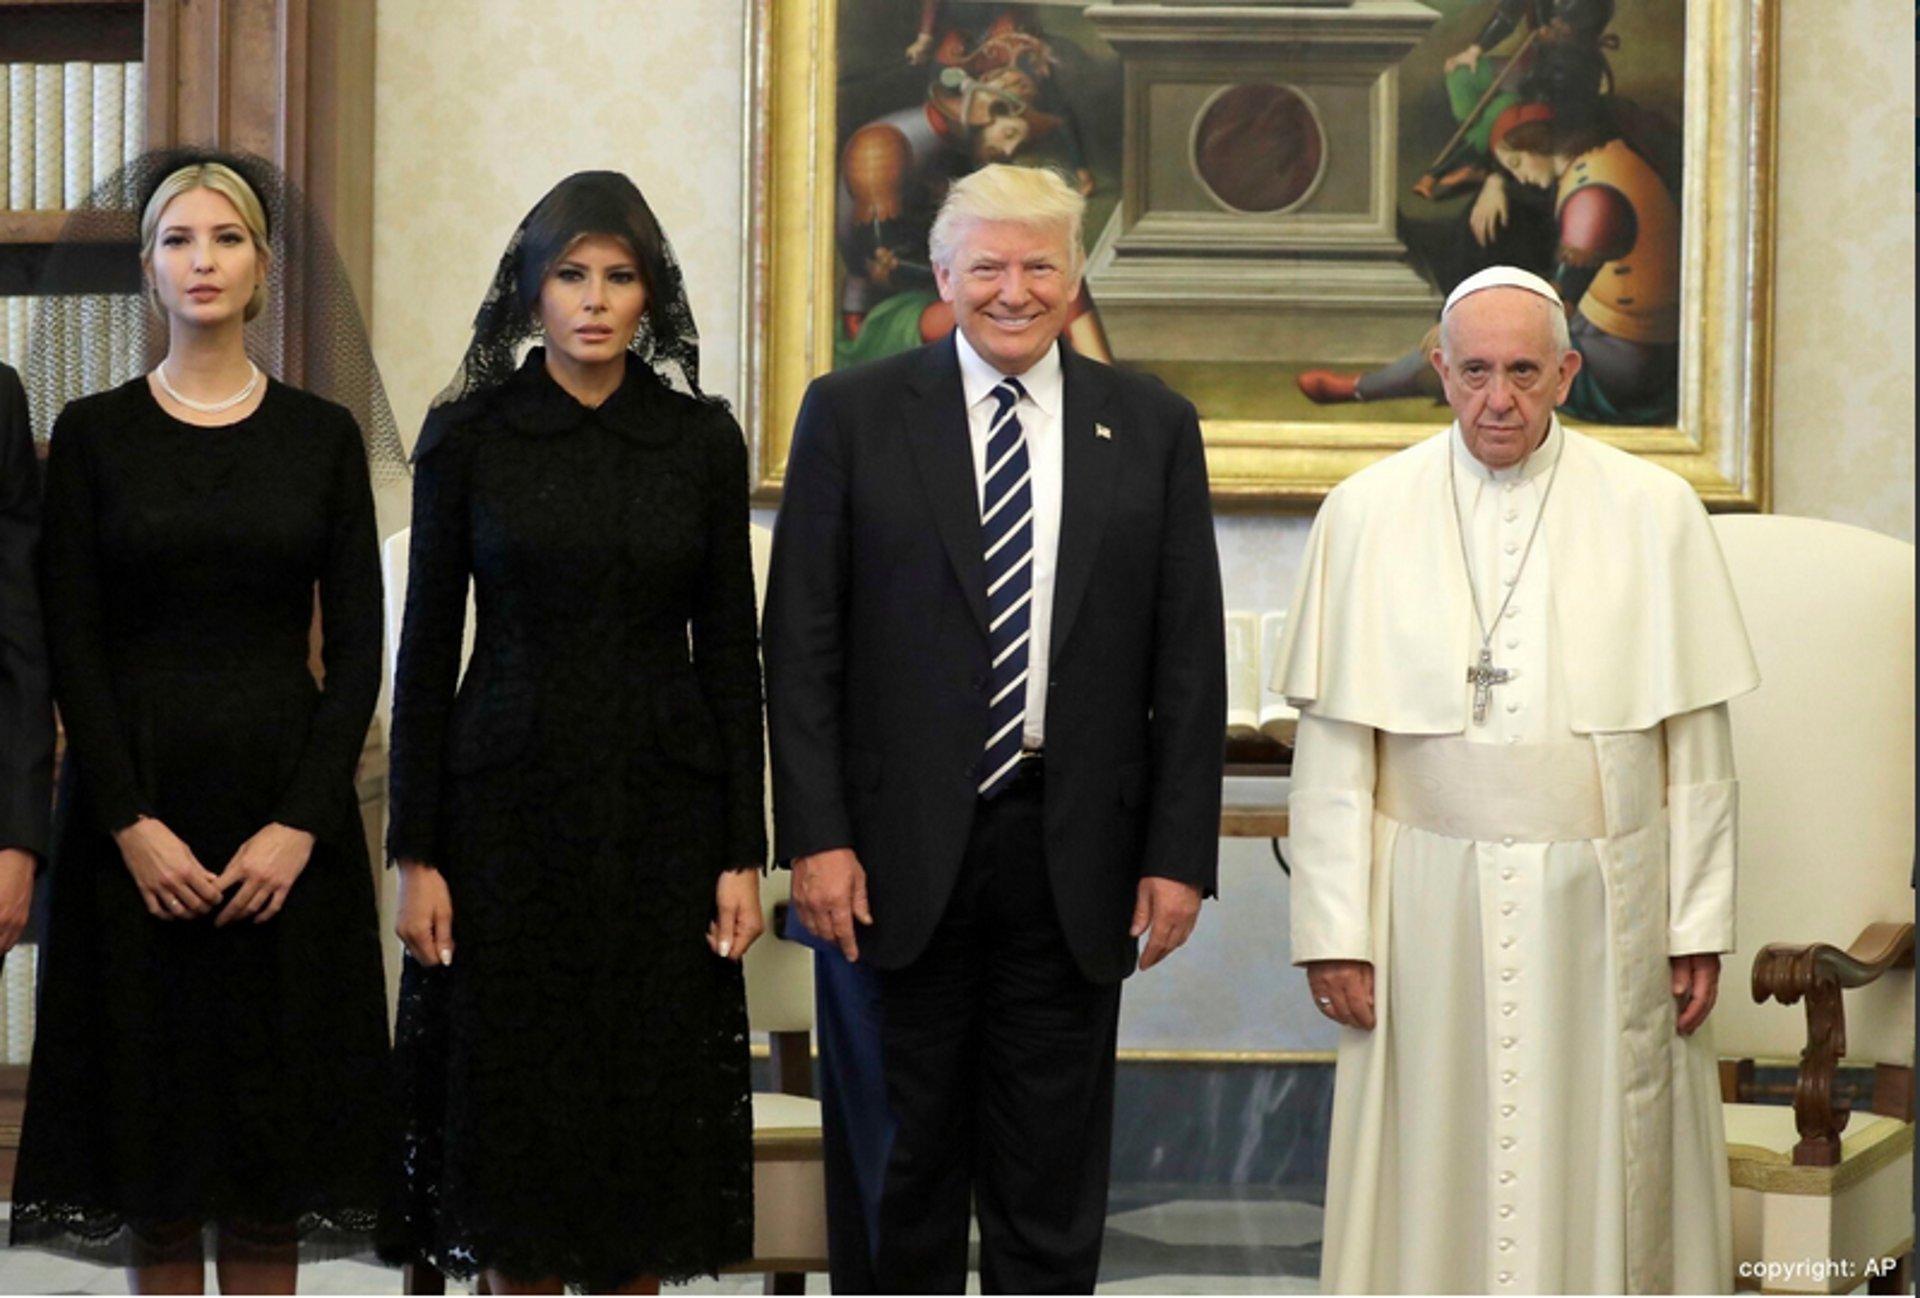 Trump beim Papst: Die besten Netz-Reaktionen